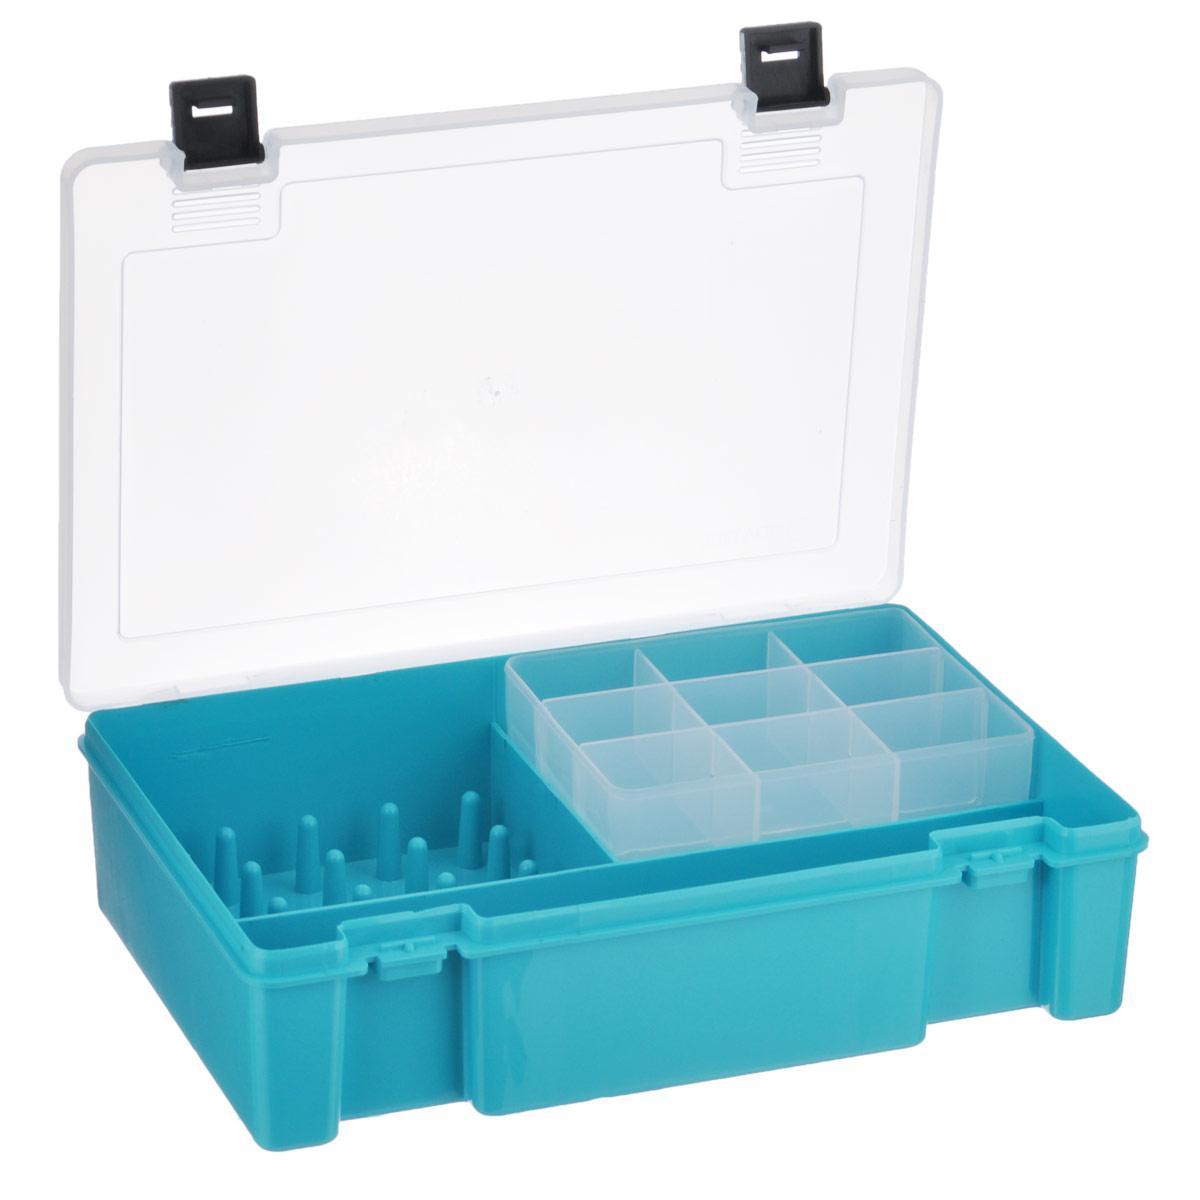 """Trivol / Тривол Коробка для мелочей """"Trivol"""", 2-х ярусная, цвет: бирюзовый, 27,3 см х 18 см х 6,5 см тип-8"""